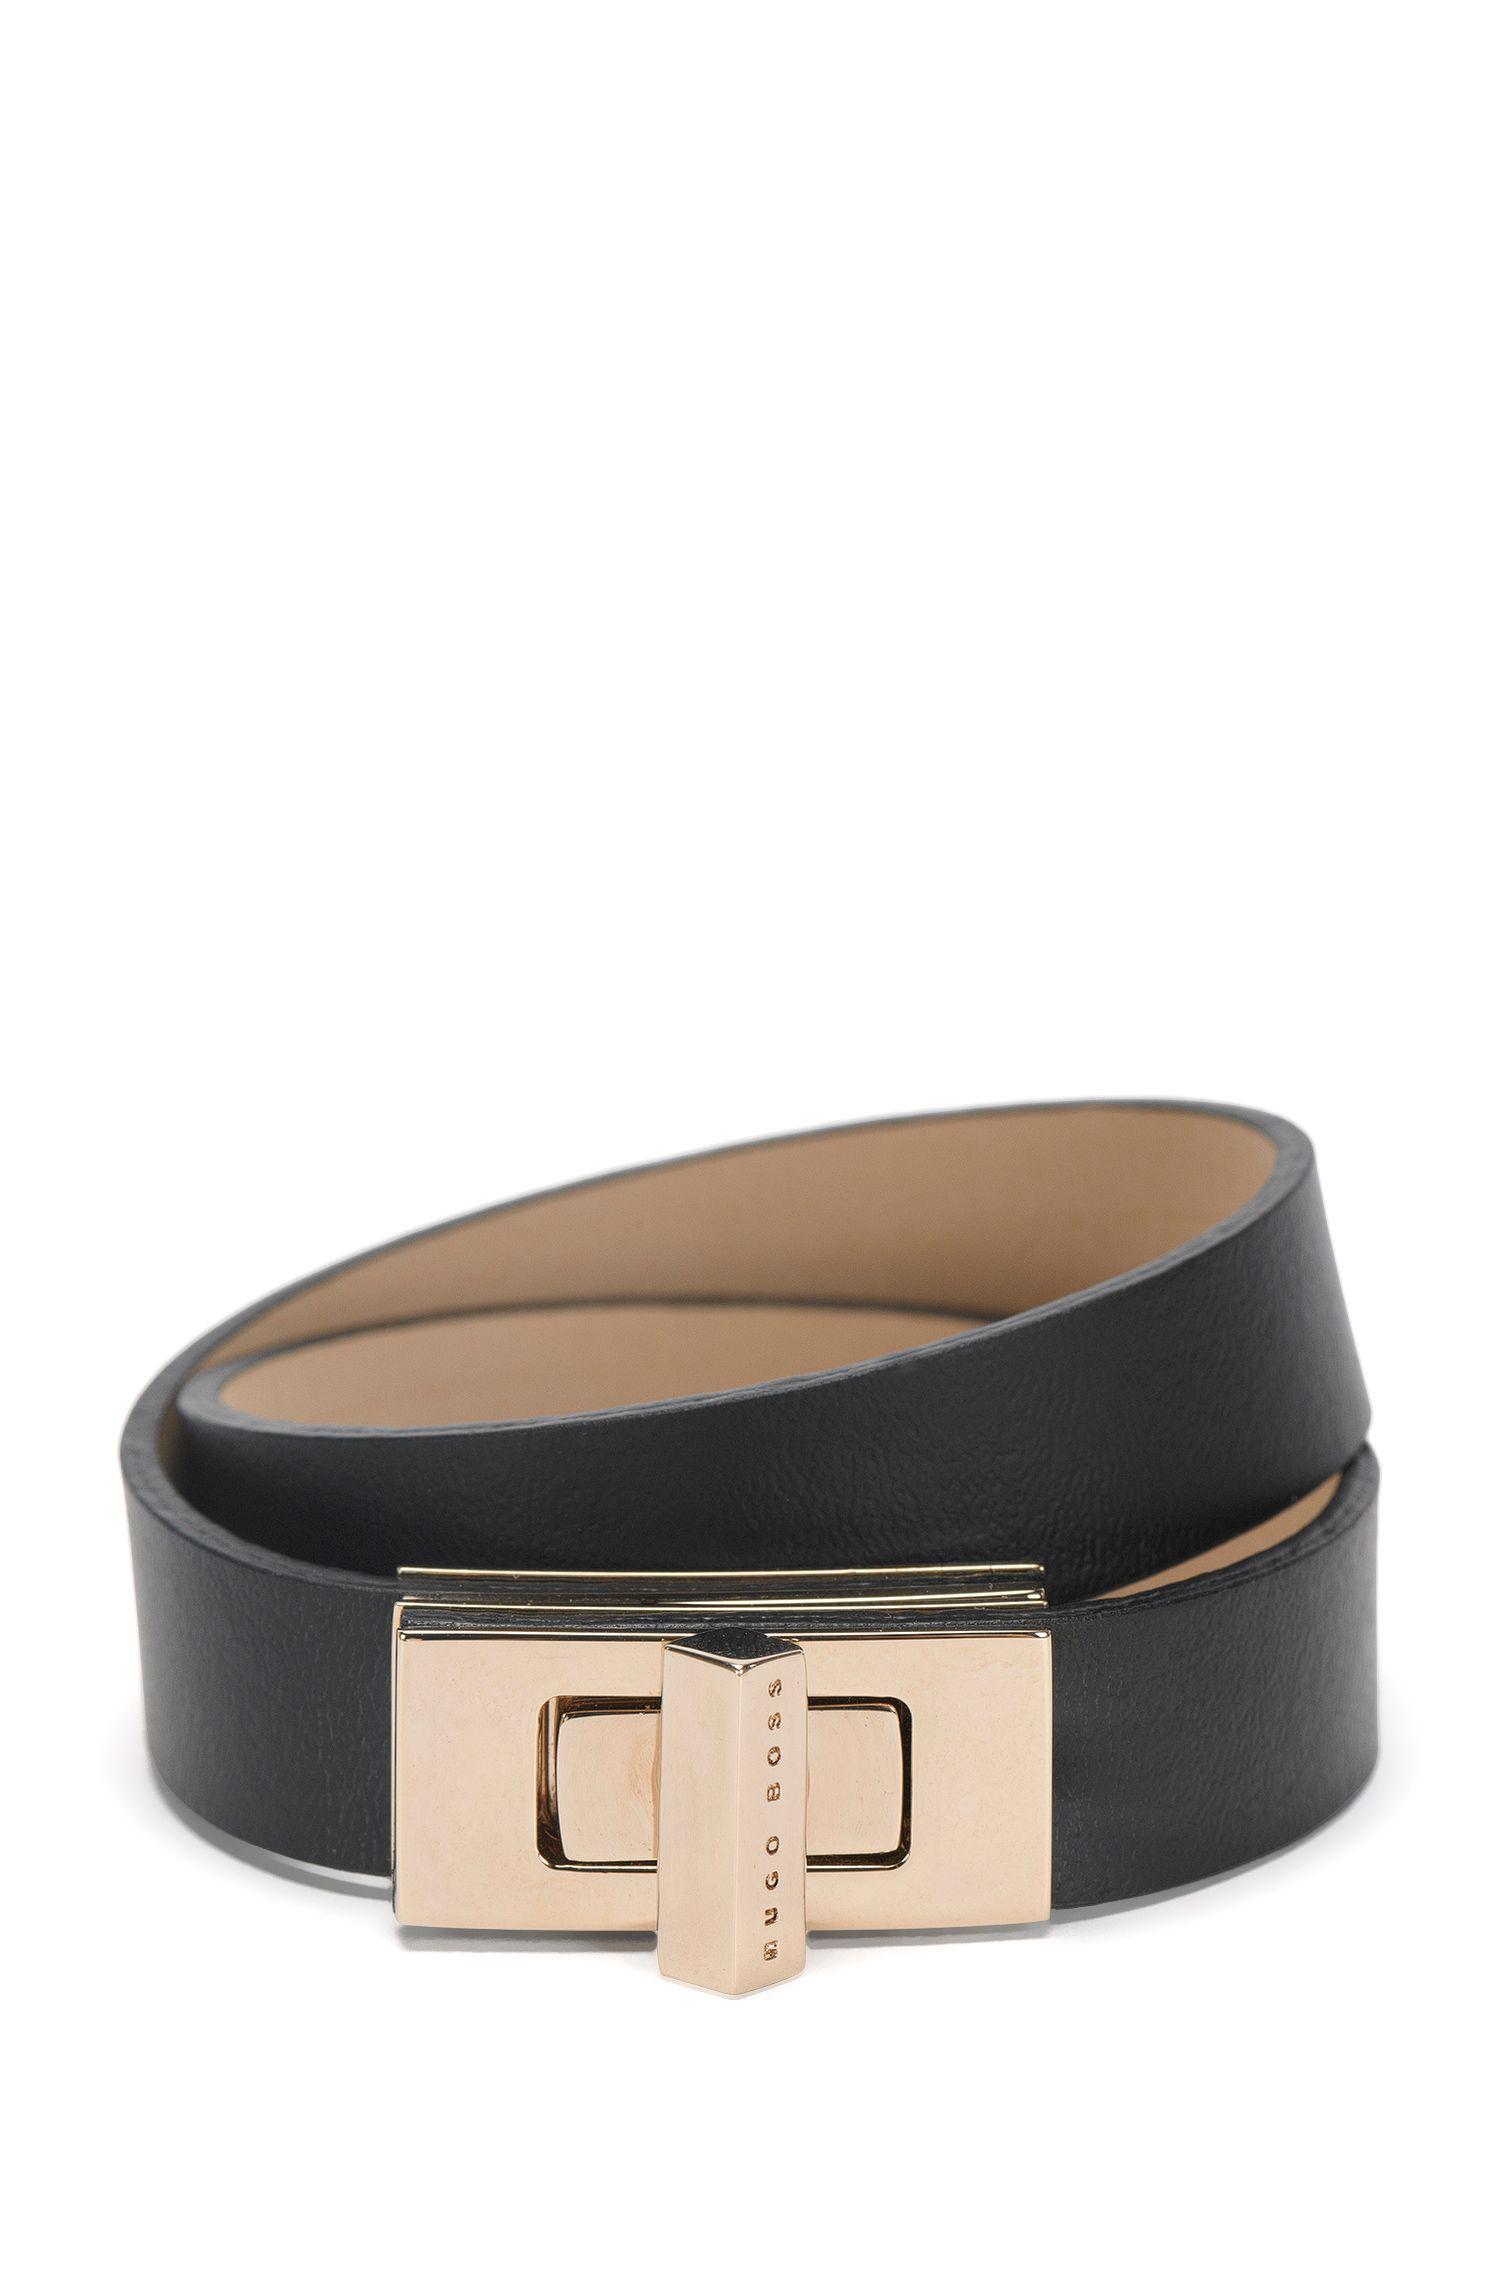 Bracelet en cuir BOSS Bespoke avec fermoir signature façon bouton de manchette